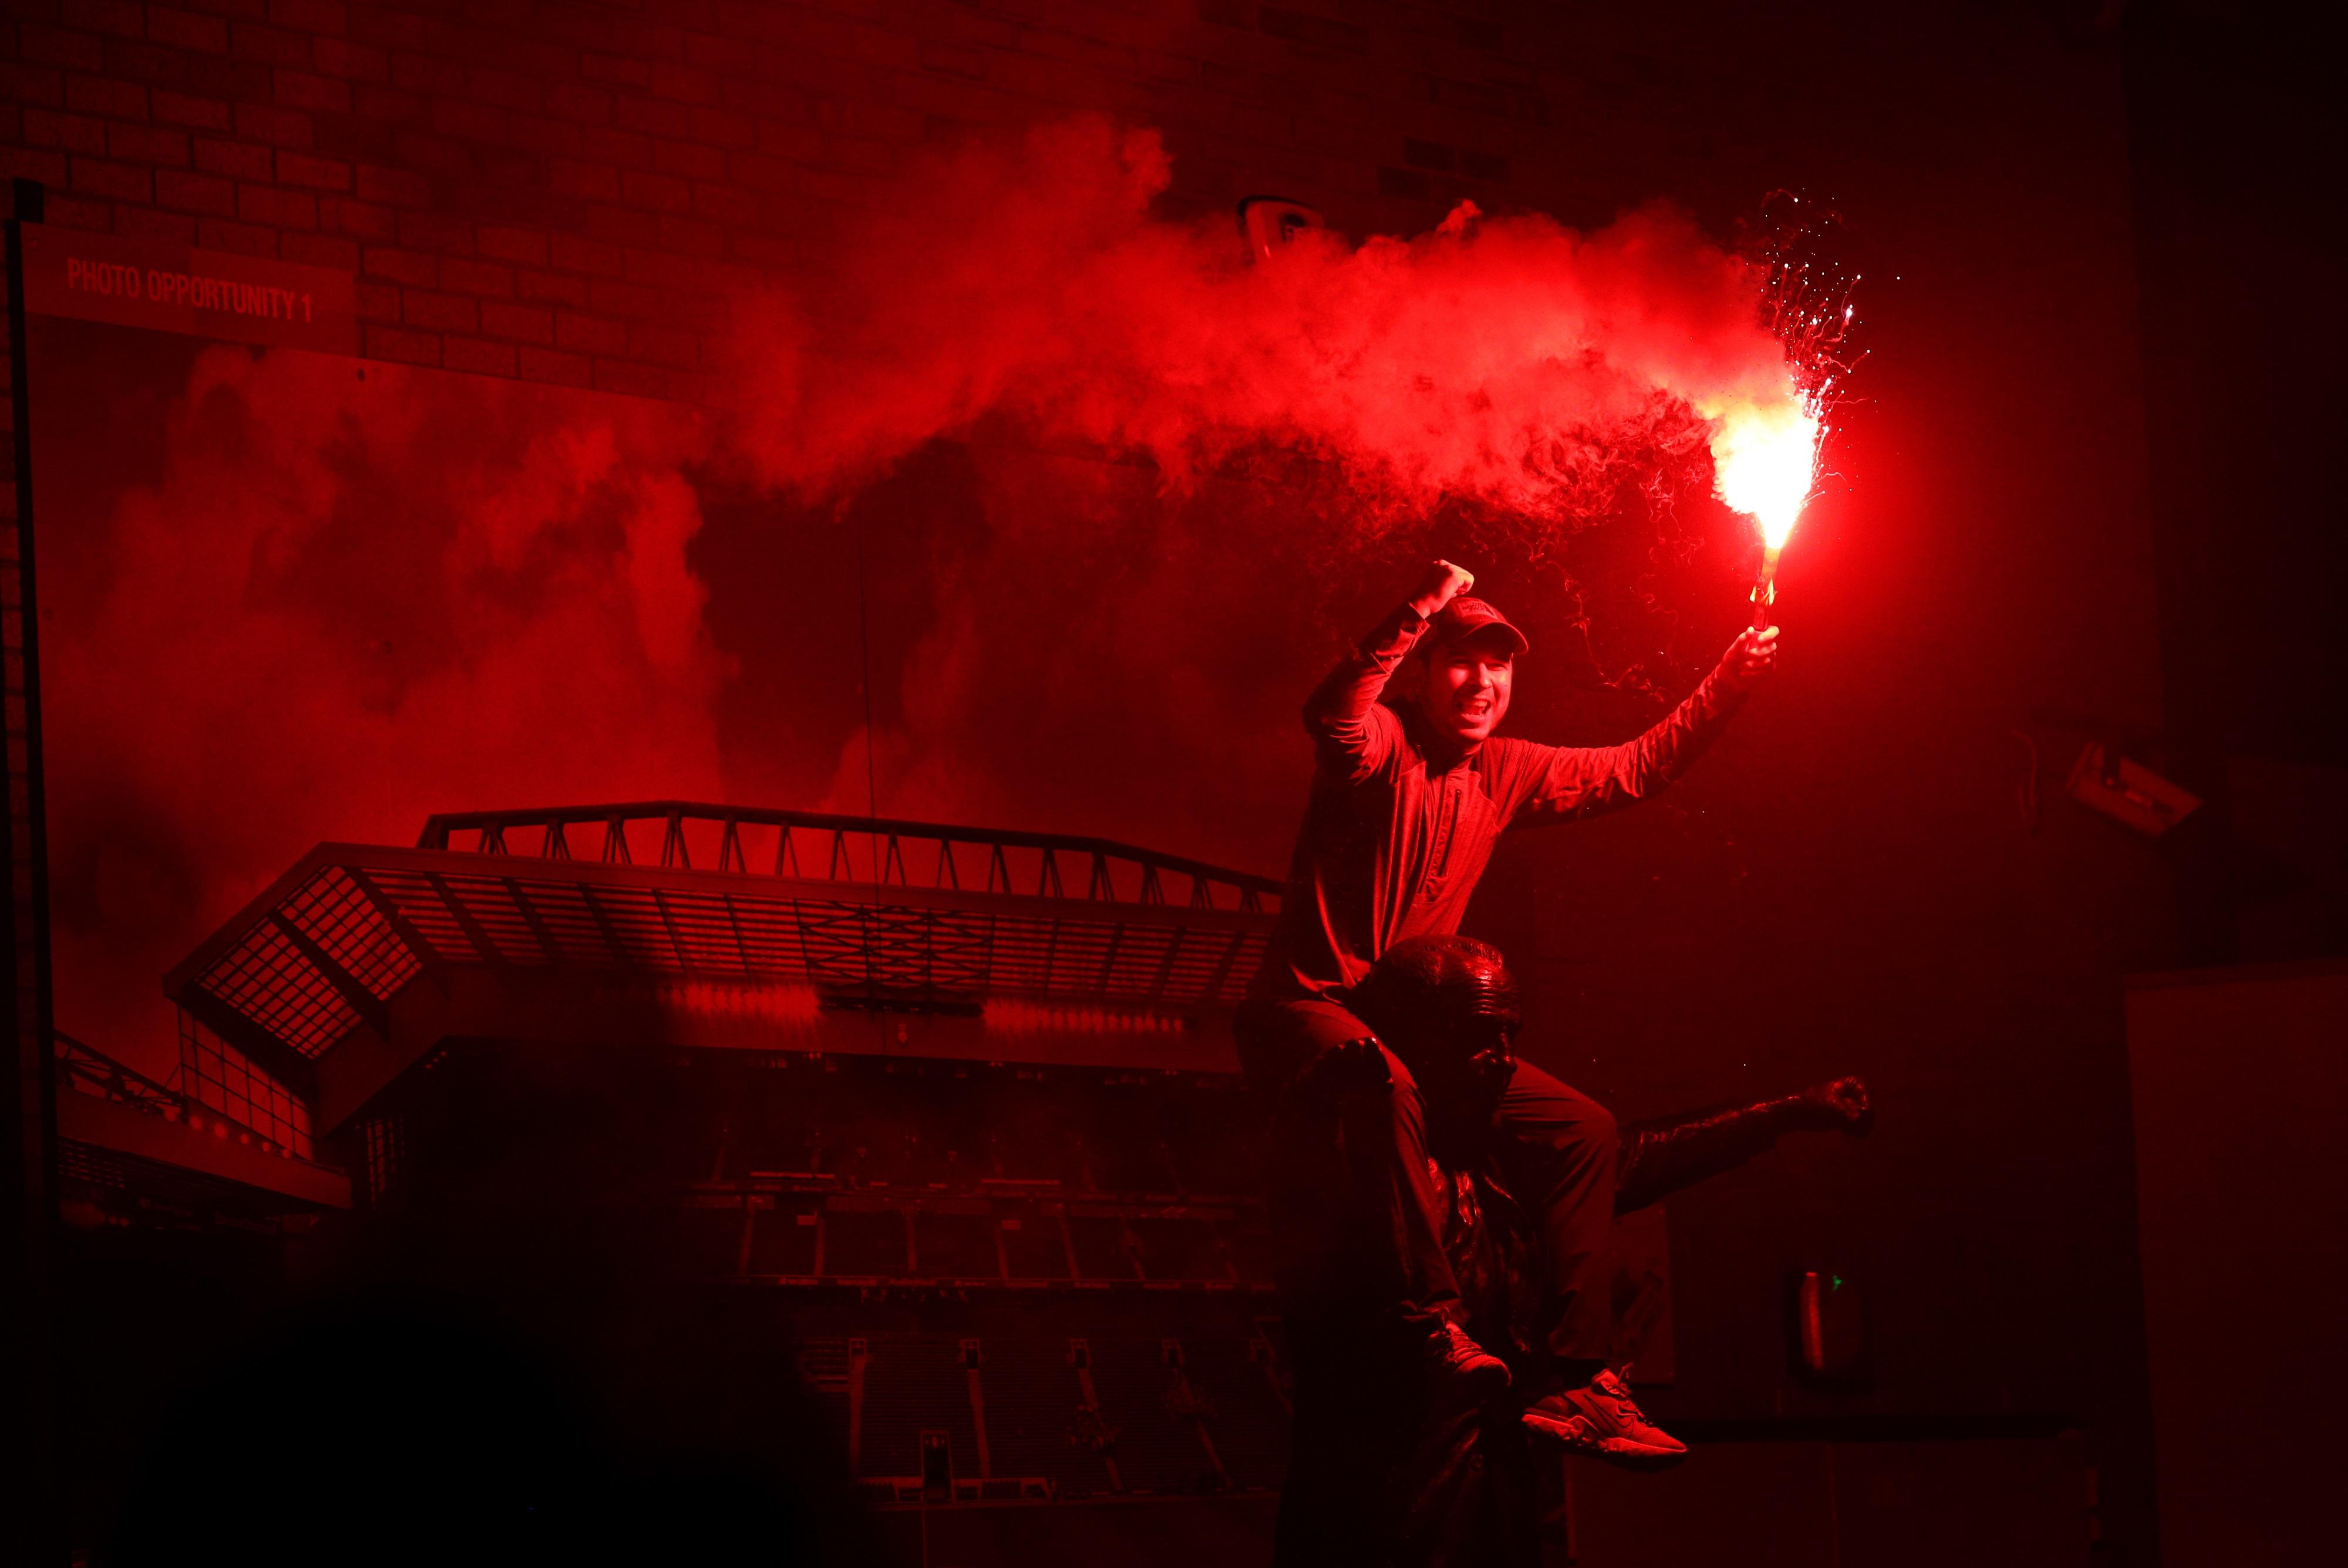 Фанат на статуе легендарного менеджера «Ливерпуля» Билла Шенкли